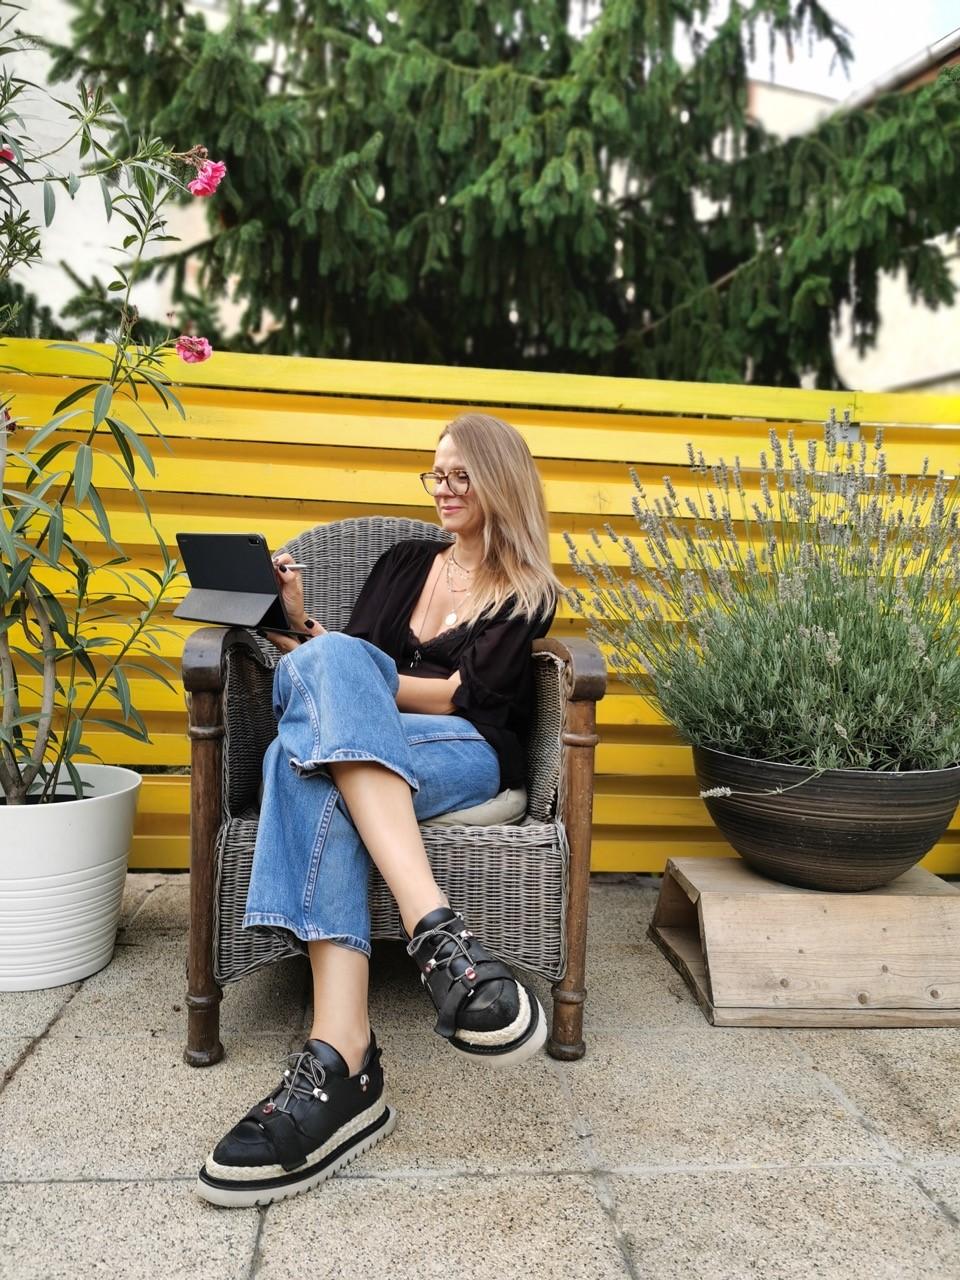 Mihaela Glăvan vorbește despre modul în care tehnologia îi influențează viața, gadget-urile de care nu se poate lipsi și sfaturile pe care le-ar da unui creativ la început de drum